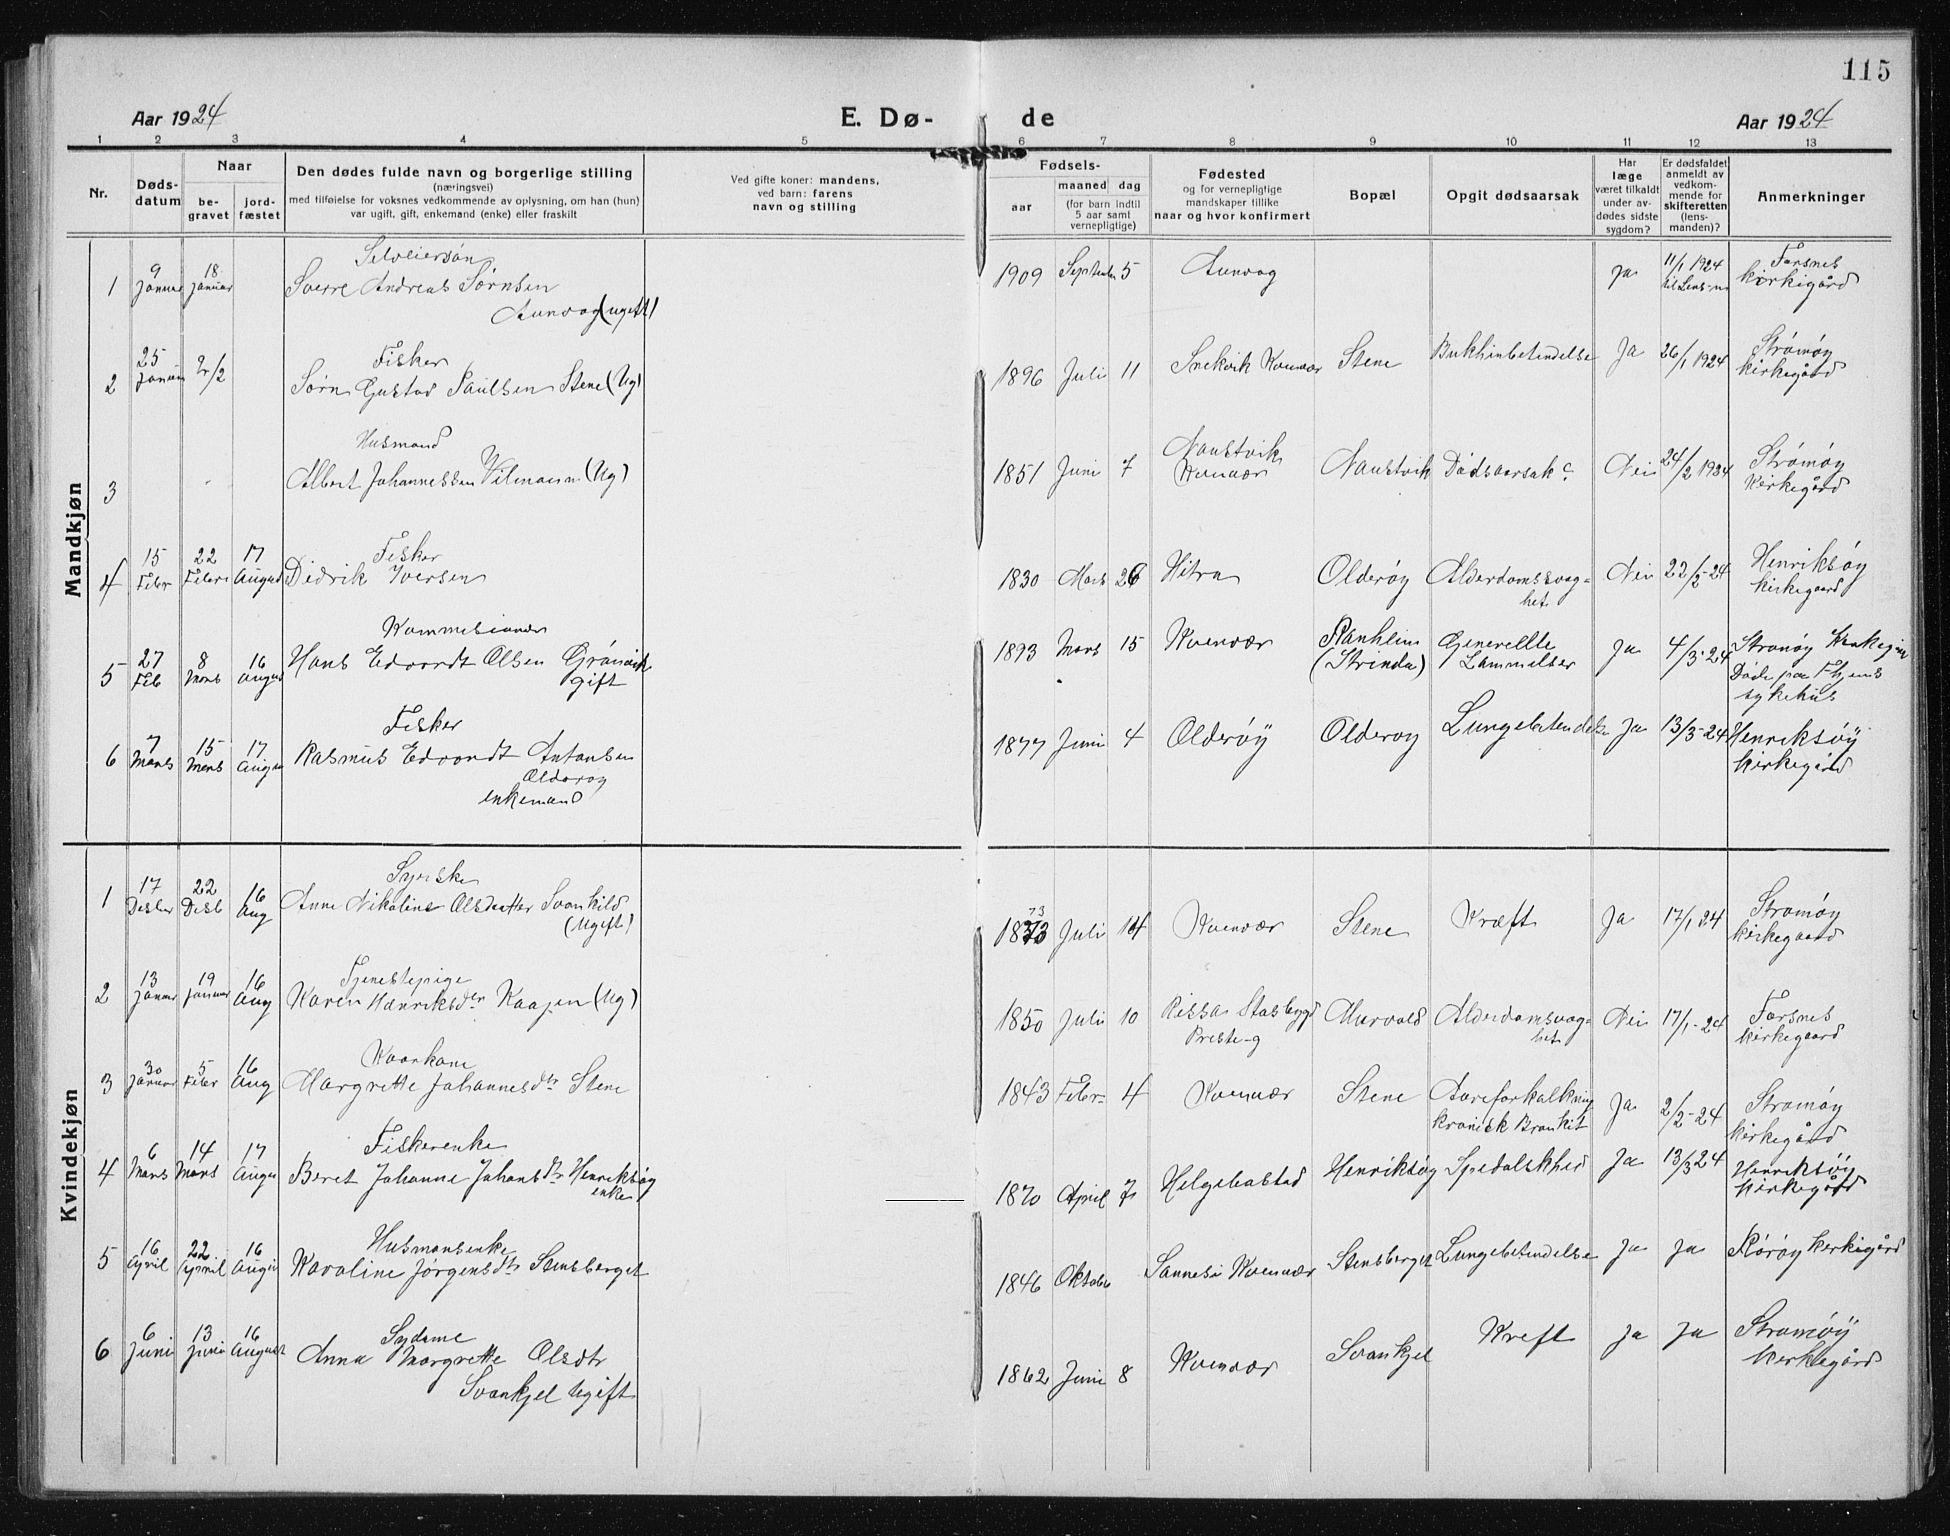 SAT, Ministerialprotokoller, klokkerbøker og fødselsregistre - Sør-Trøndelag, 635/L0554: Klokkerbok nr. 635C02, 1919-1942, s. 115